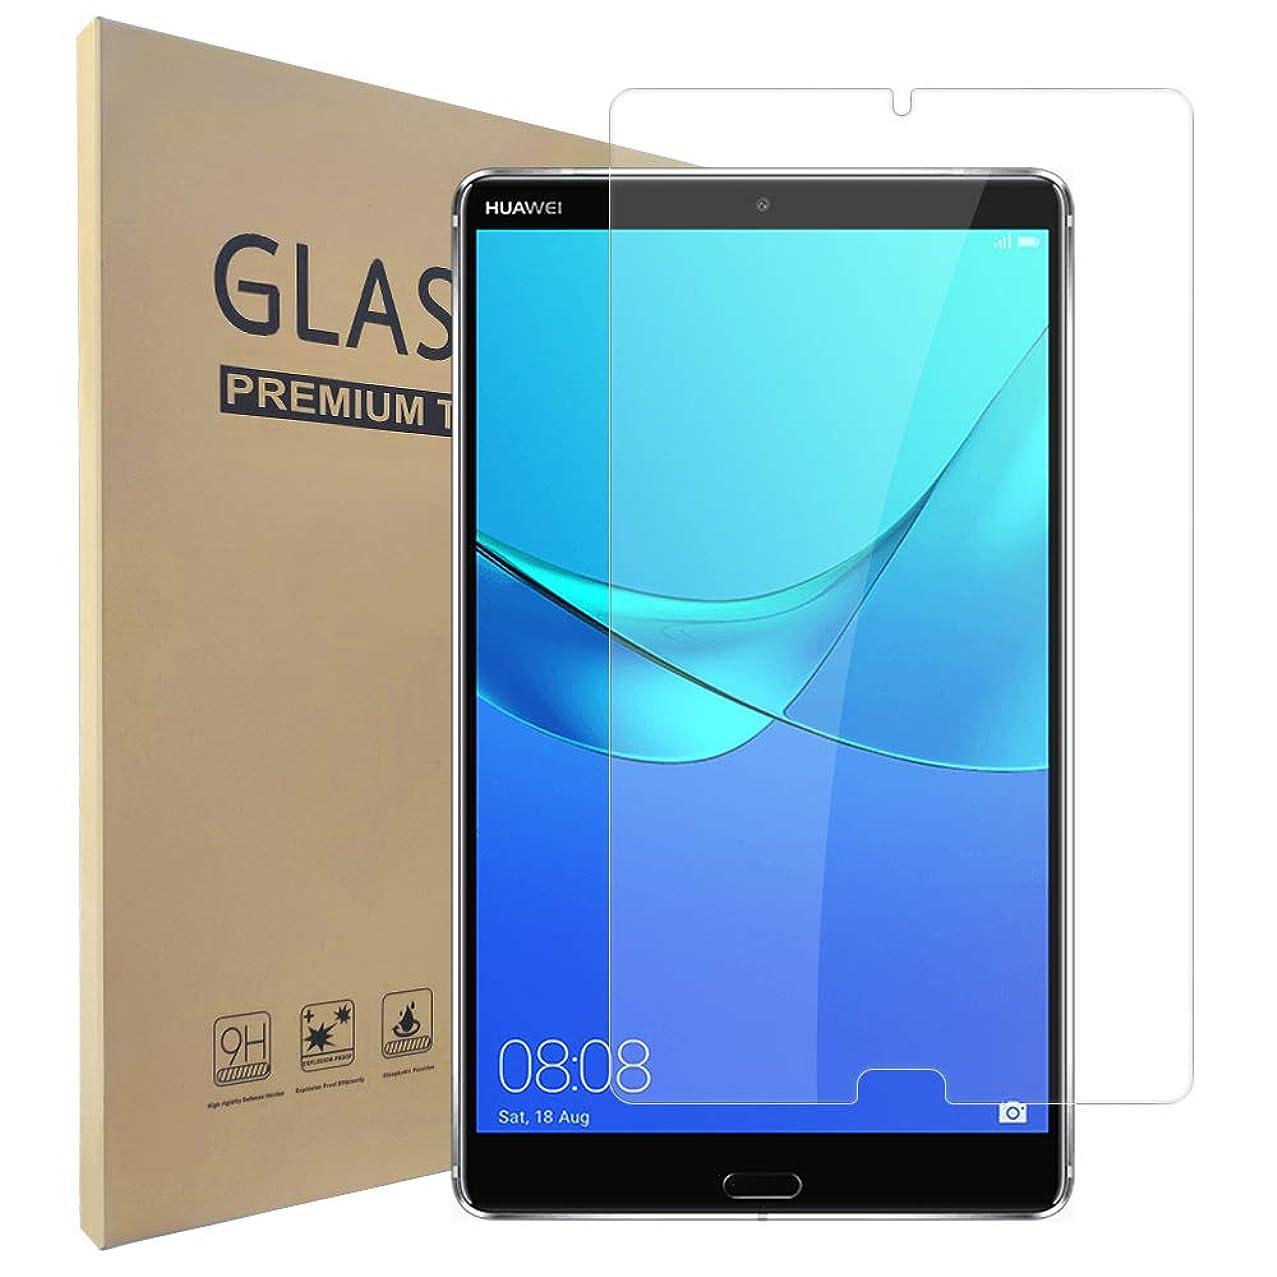 サーキュレーション褐色不完全なHuawei MediaPad M5 8 ガラスフィルム タブレット 液晶保護フィルム 8.4インチ 強化ガラスフィルム 【硬度9H/飛散防止/高透過率/貼り付け簡単】- Huawei MediaPad M5 8 対応 フィルム